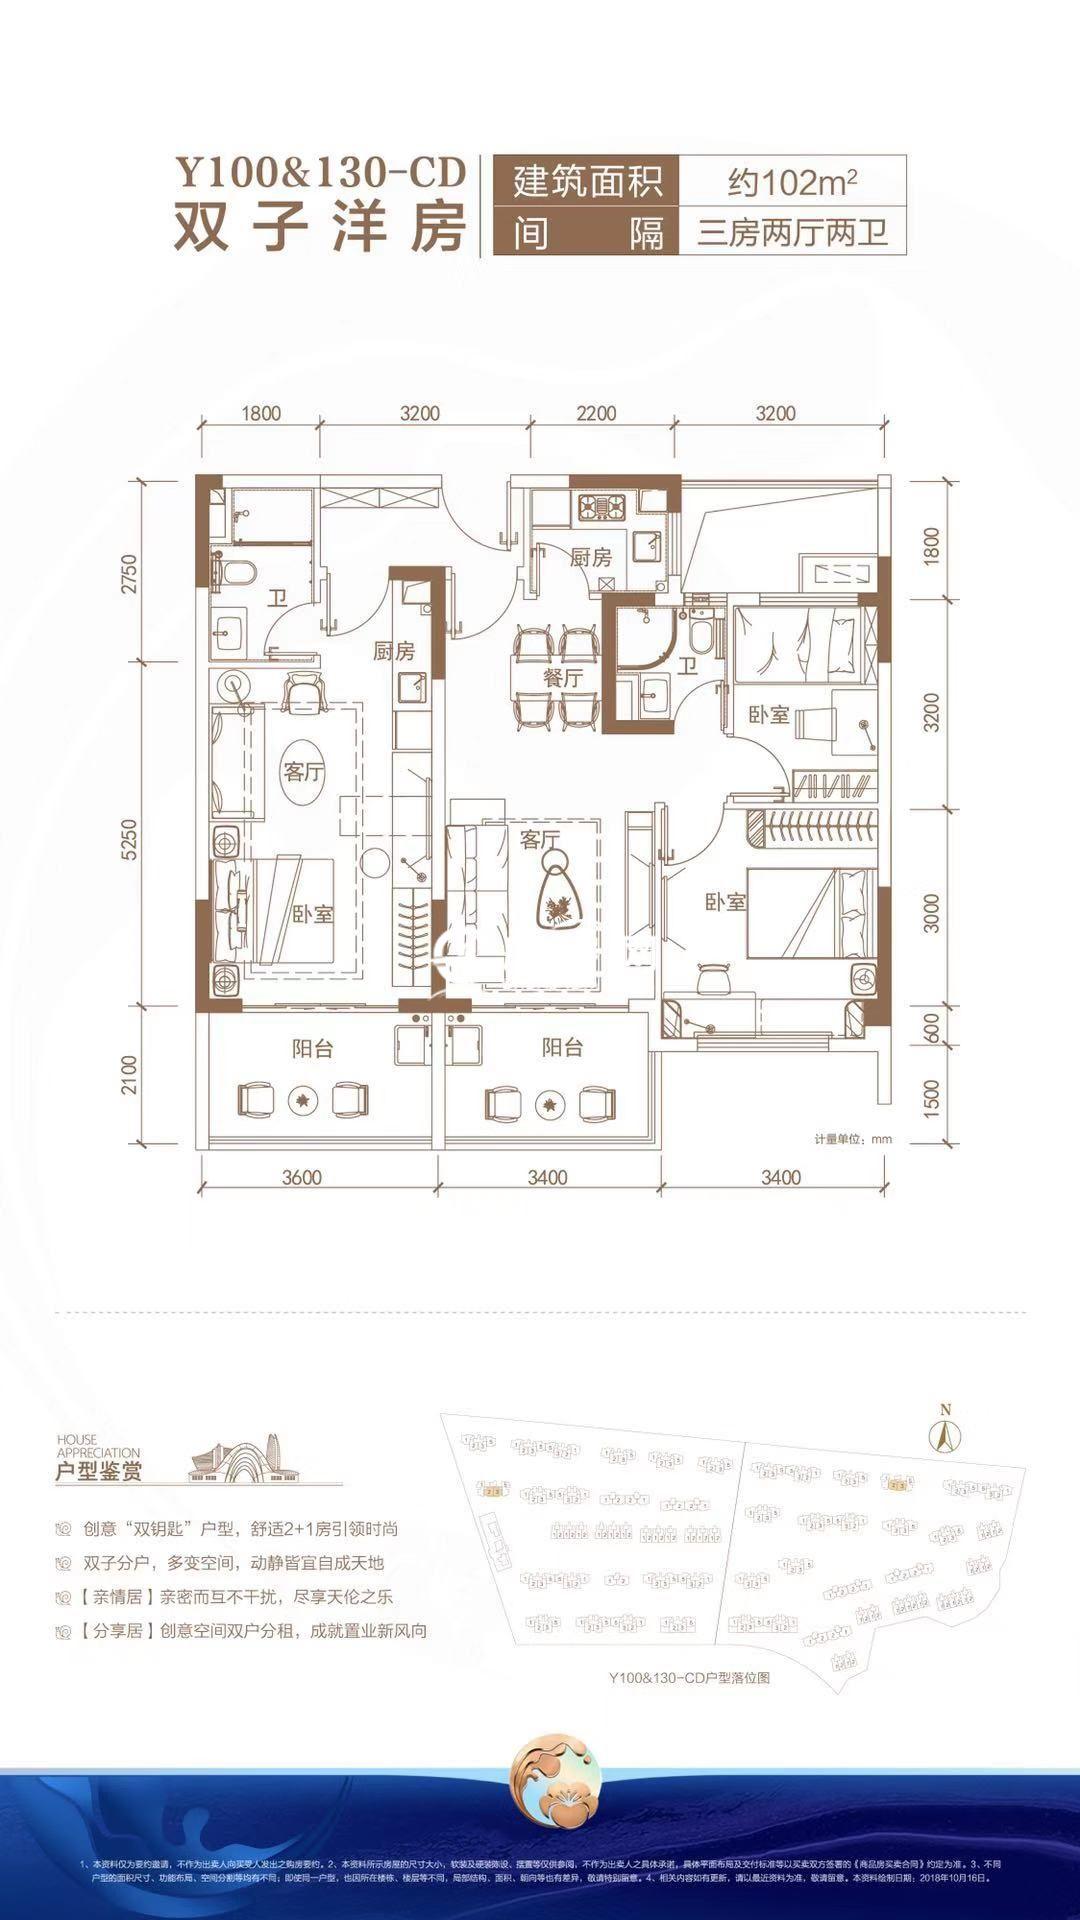 Y100&130-CD户型 3房2厅2卫 建面102㎡